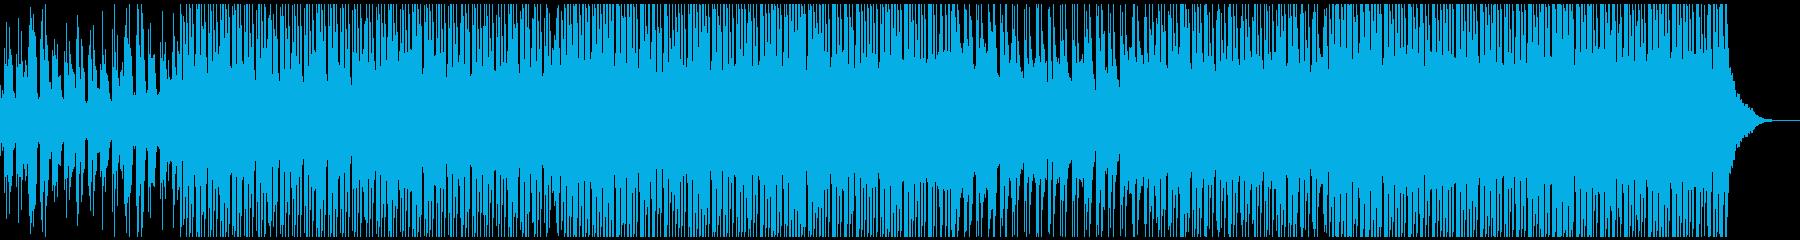 サマーファンの再生済みの波形